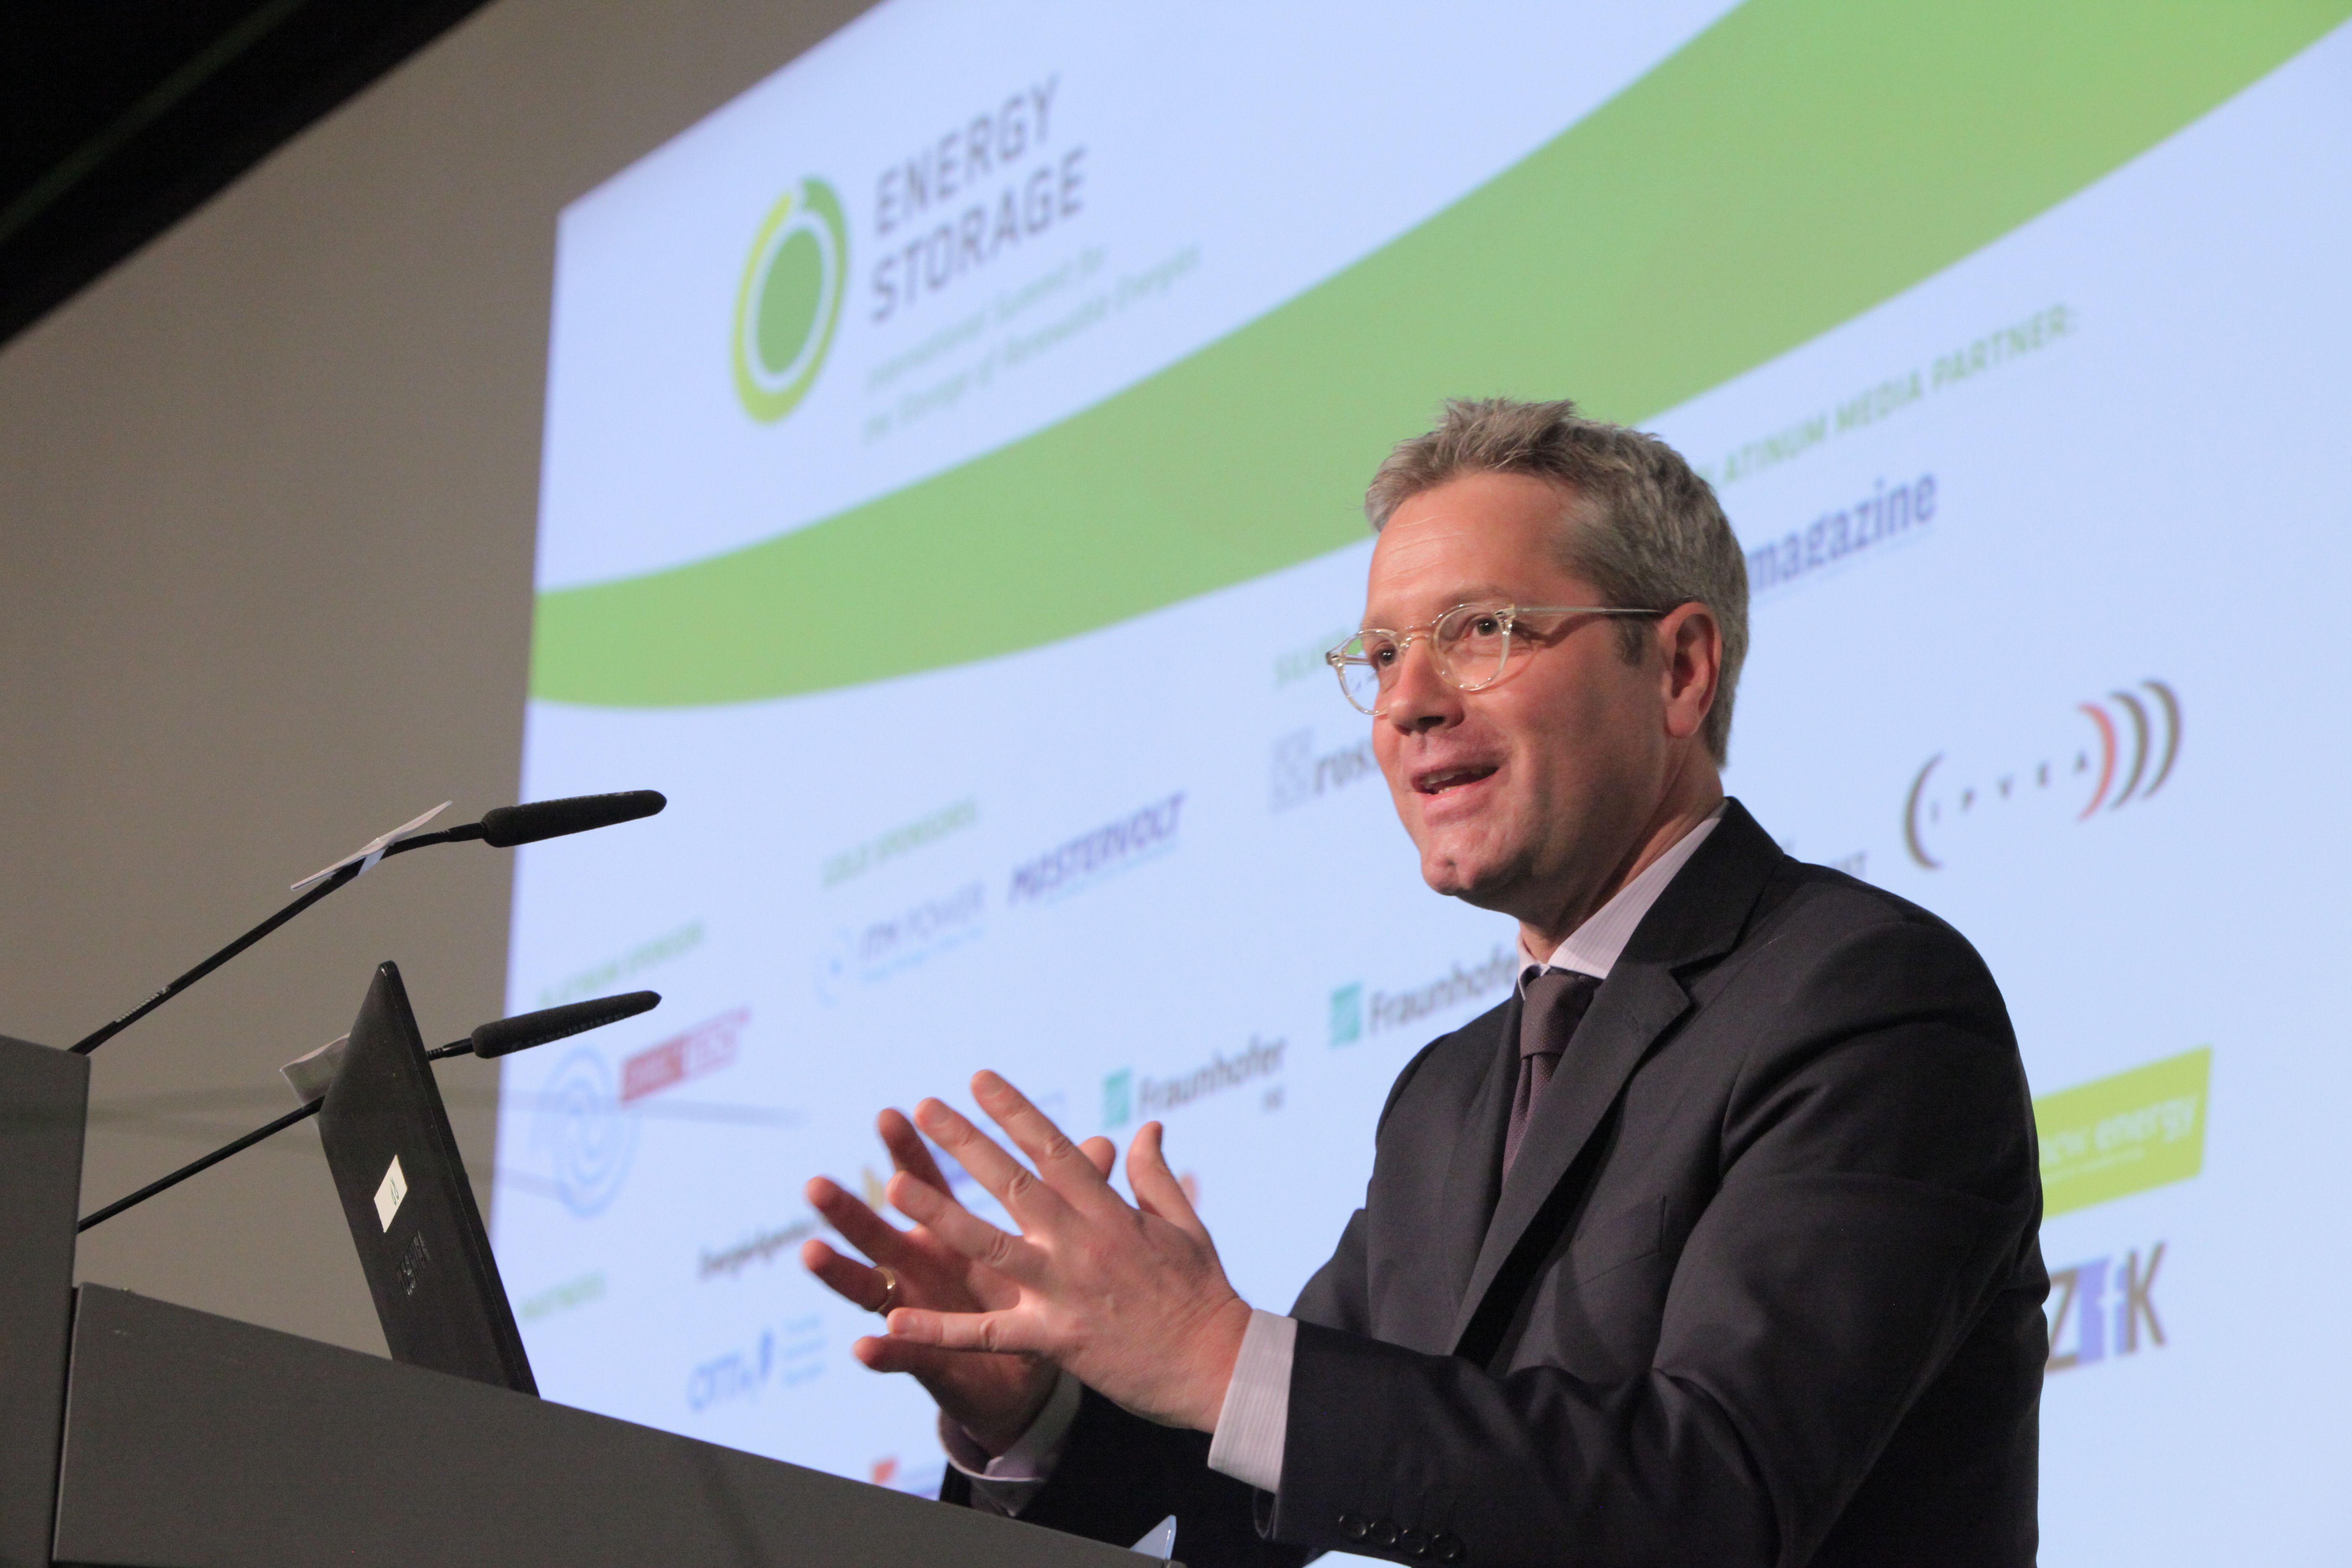 Bundesumweltminister Dr. Norbert Röttgen sprach heute zum Auftakt der Energy Storage